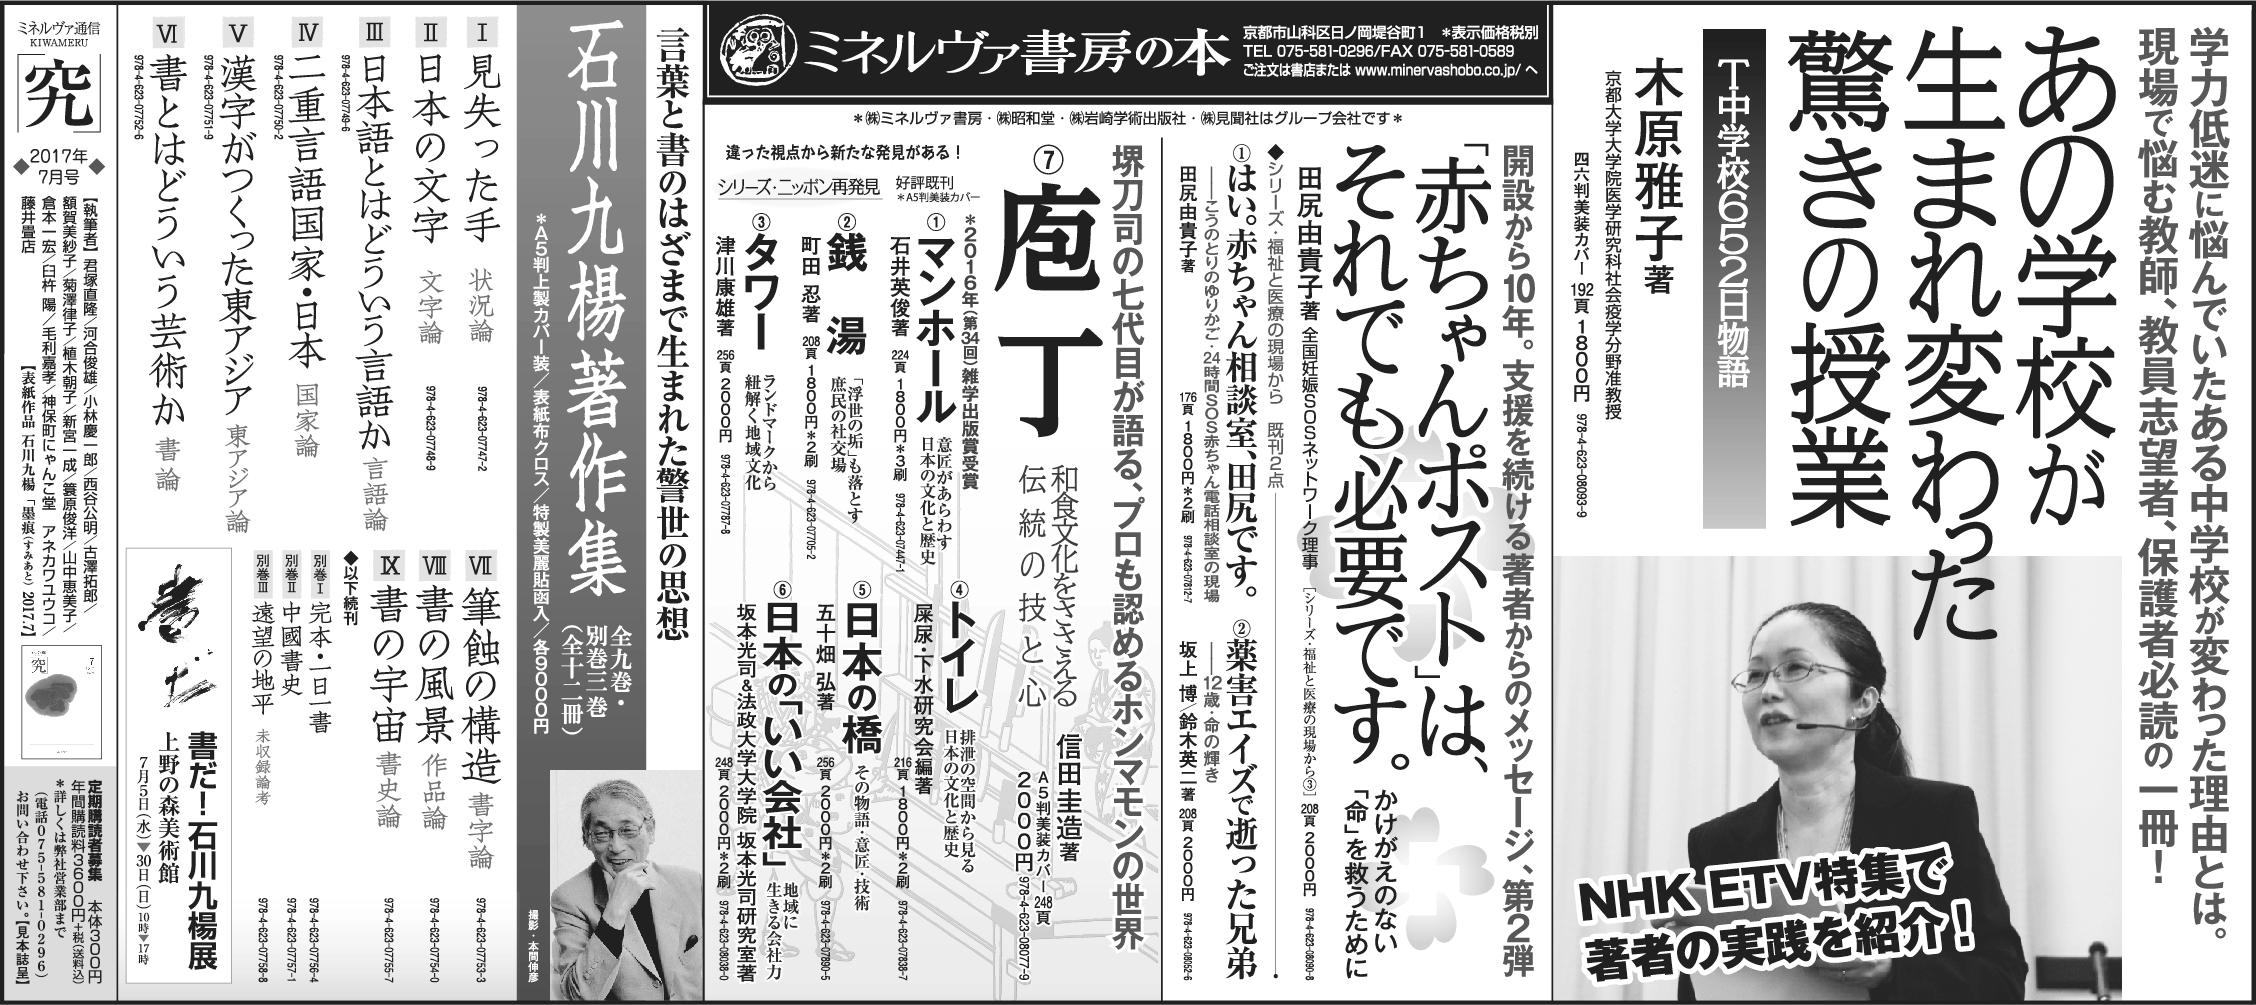 朝日新聞2017年7月9日(読書面)全5段広告